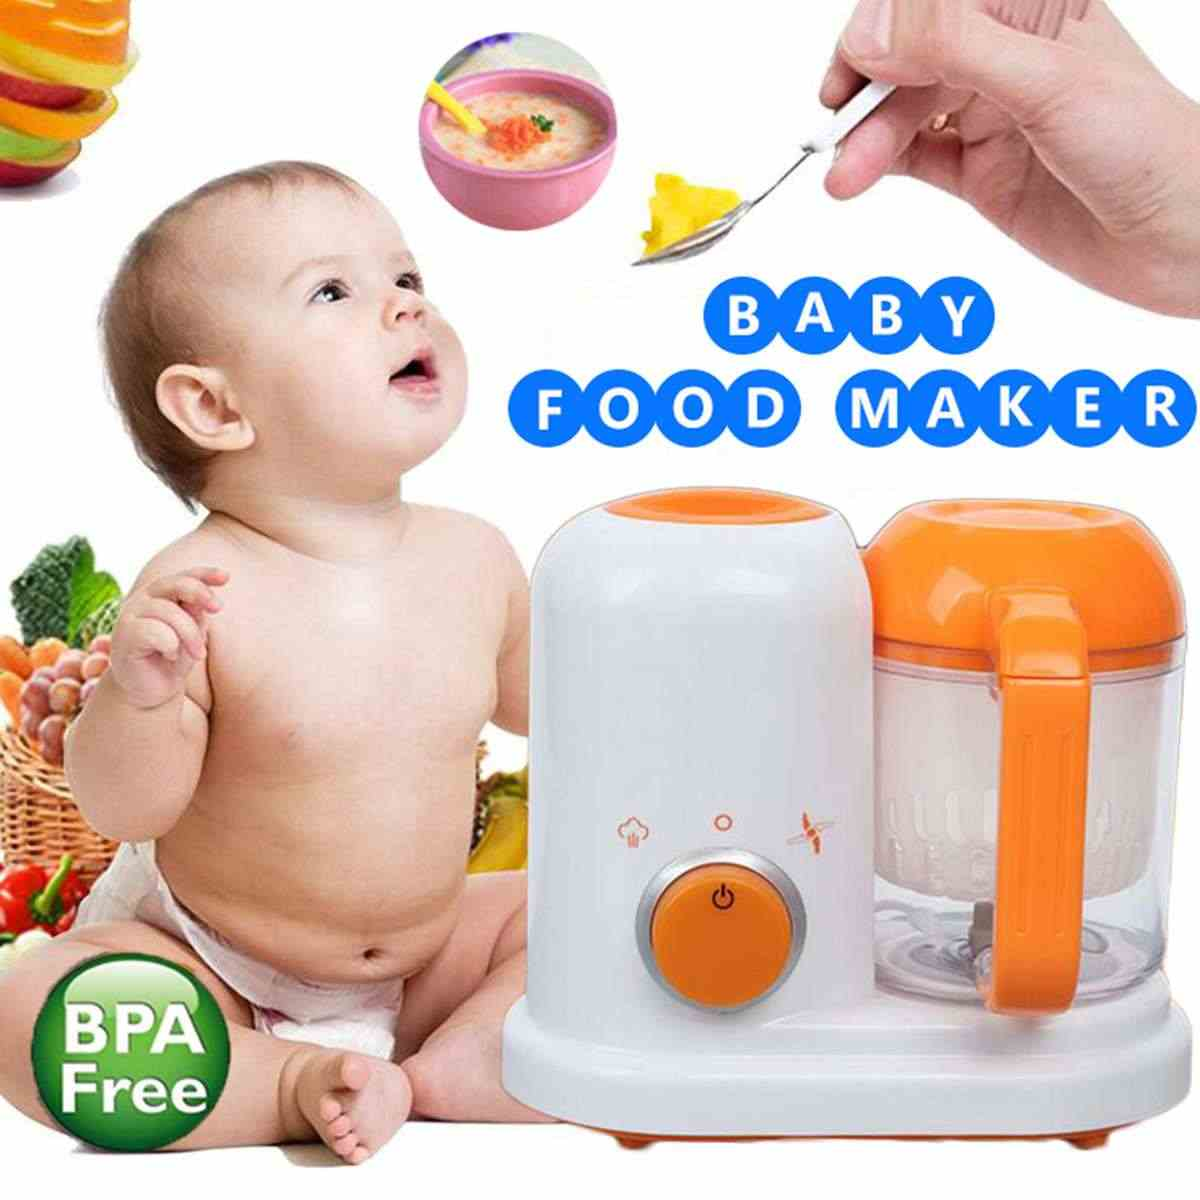 AC 200-250 V Fabricante de Comida Para Bebé Criança Elétrica Steamer Processador Liquidificadores BPA Livre Tudo Em Um Alimento- graduada PP UE Vapor de Alimentos Seguros